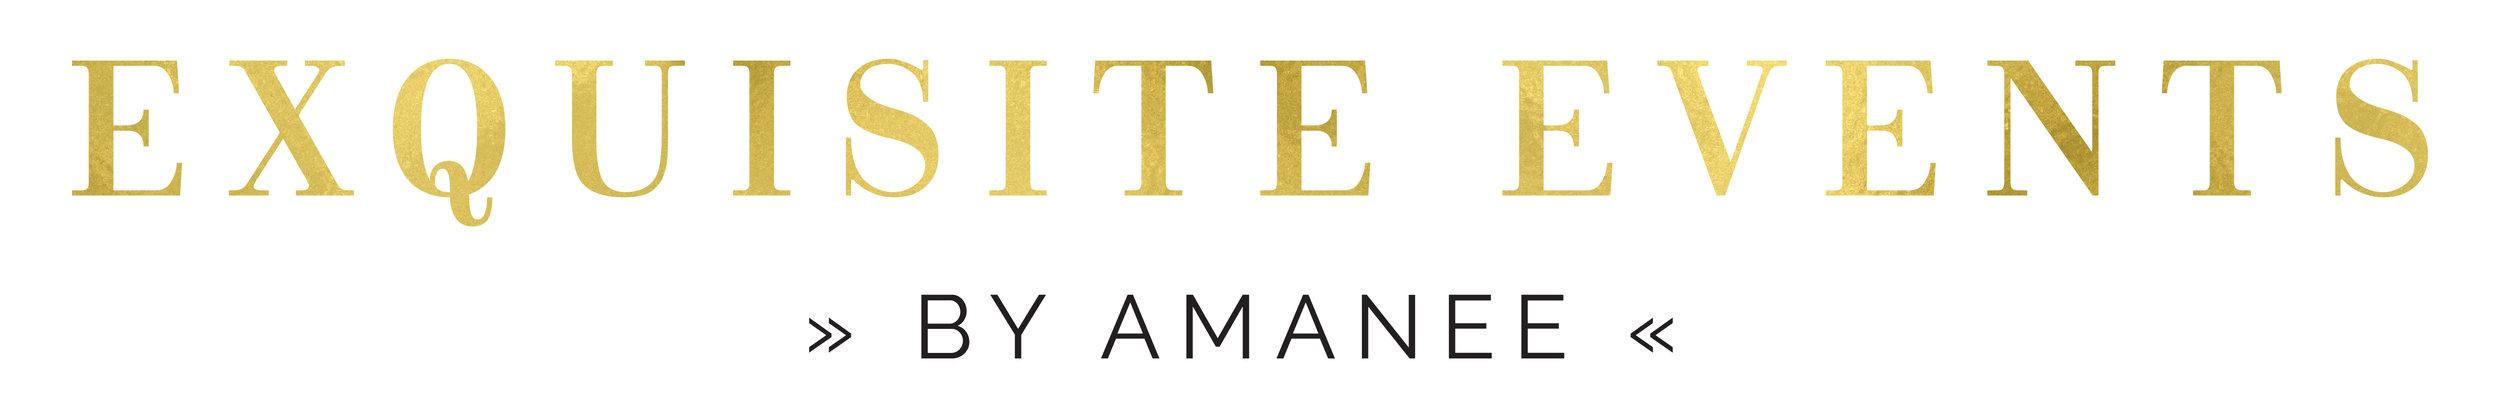 1_main logo_alternative logo 1.jpg